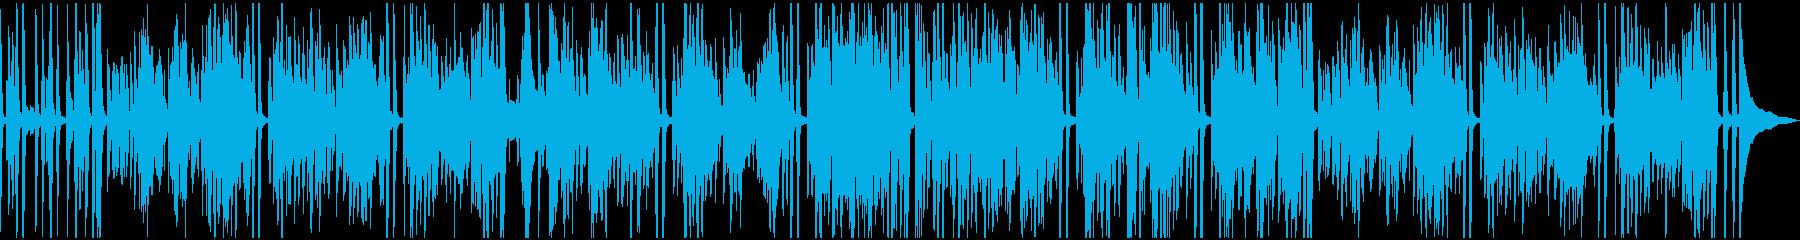 伝統的なジャズ ビバップ レトロ ...の再生済みの波形